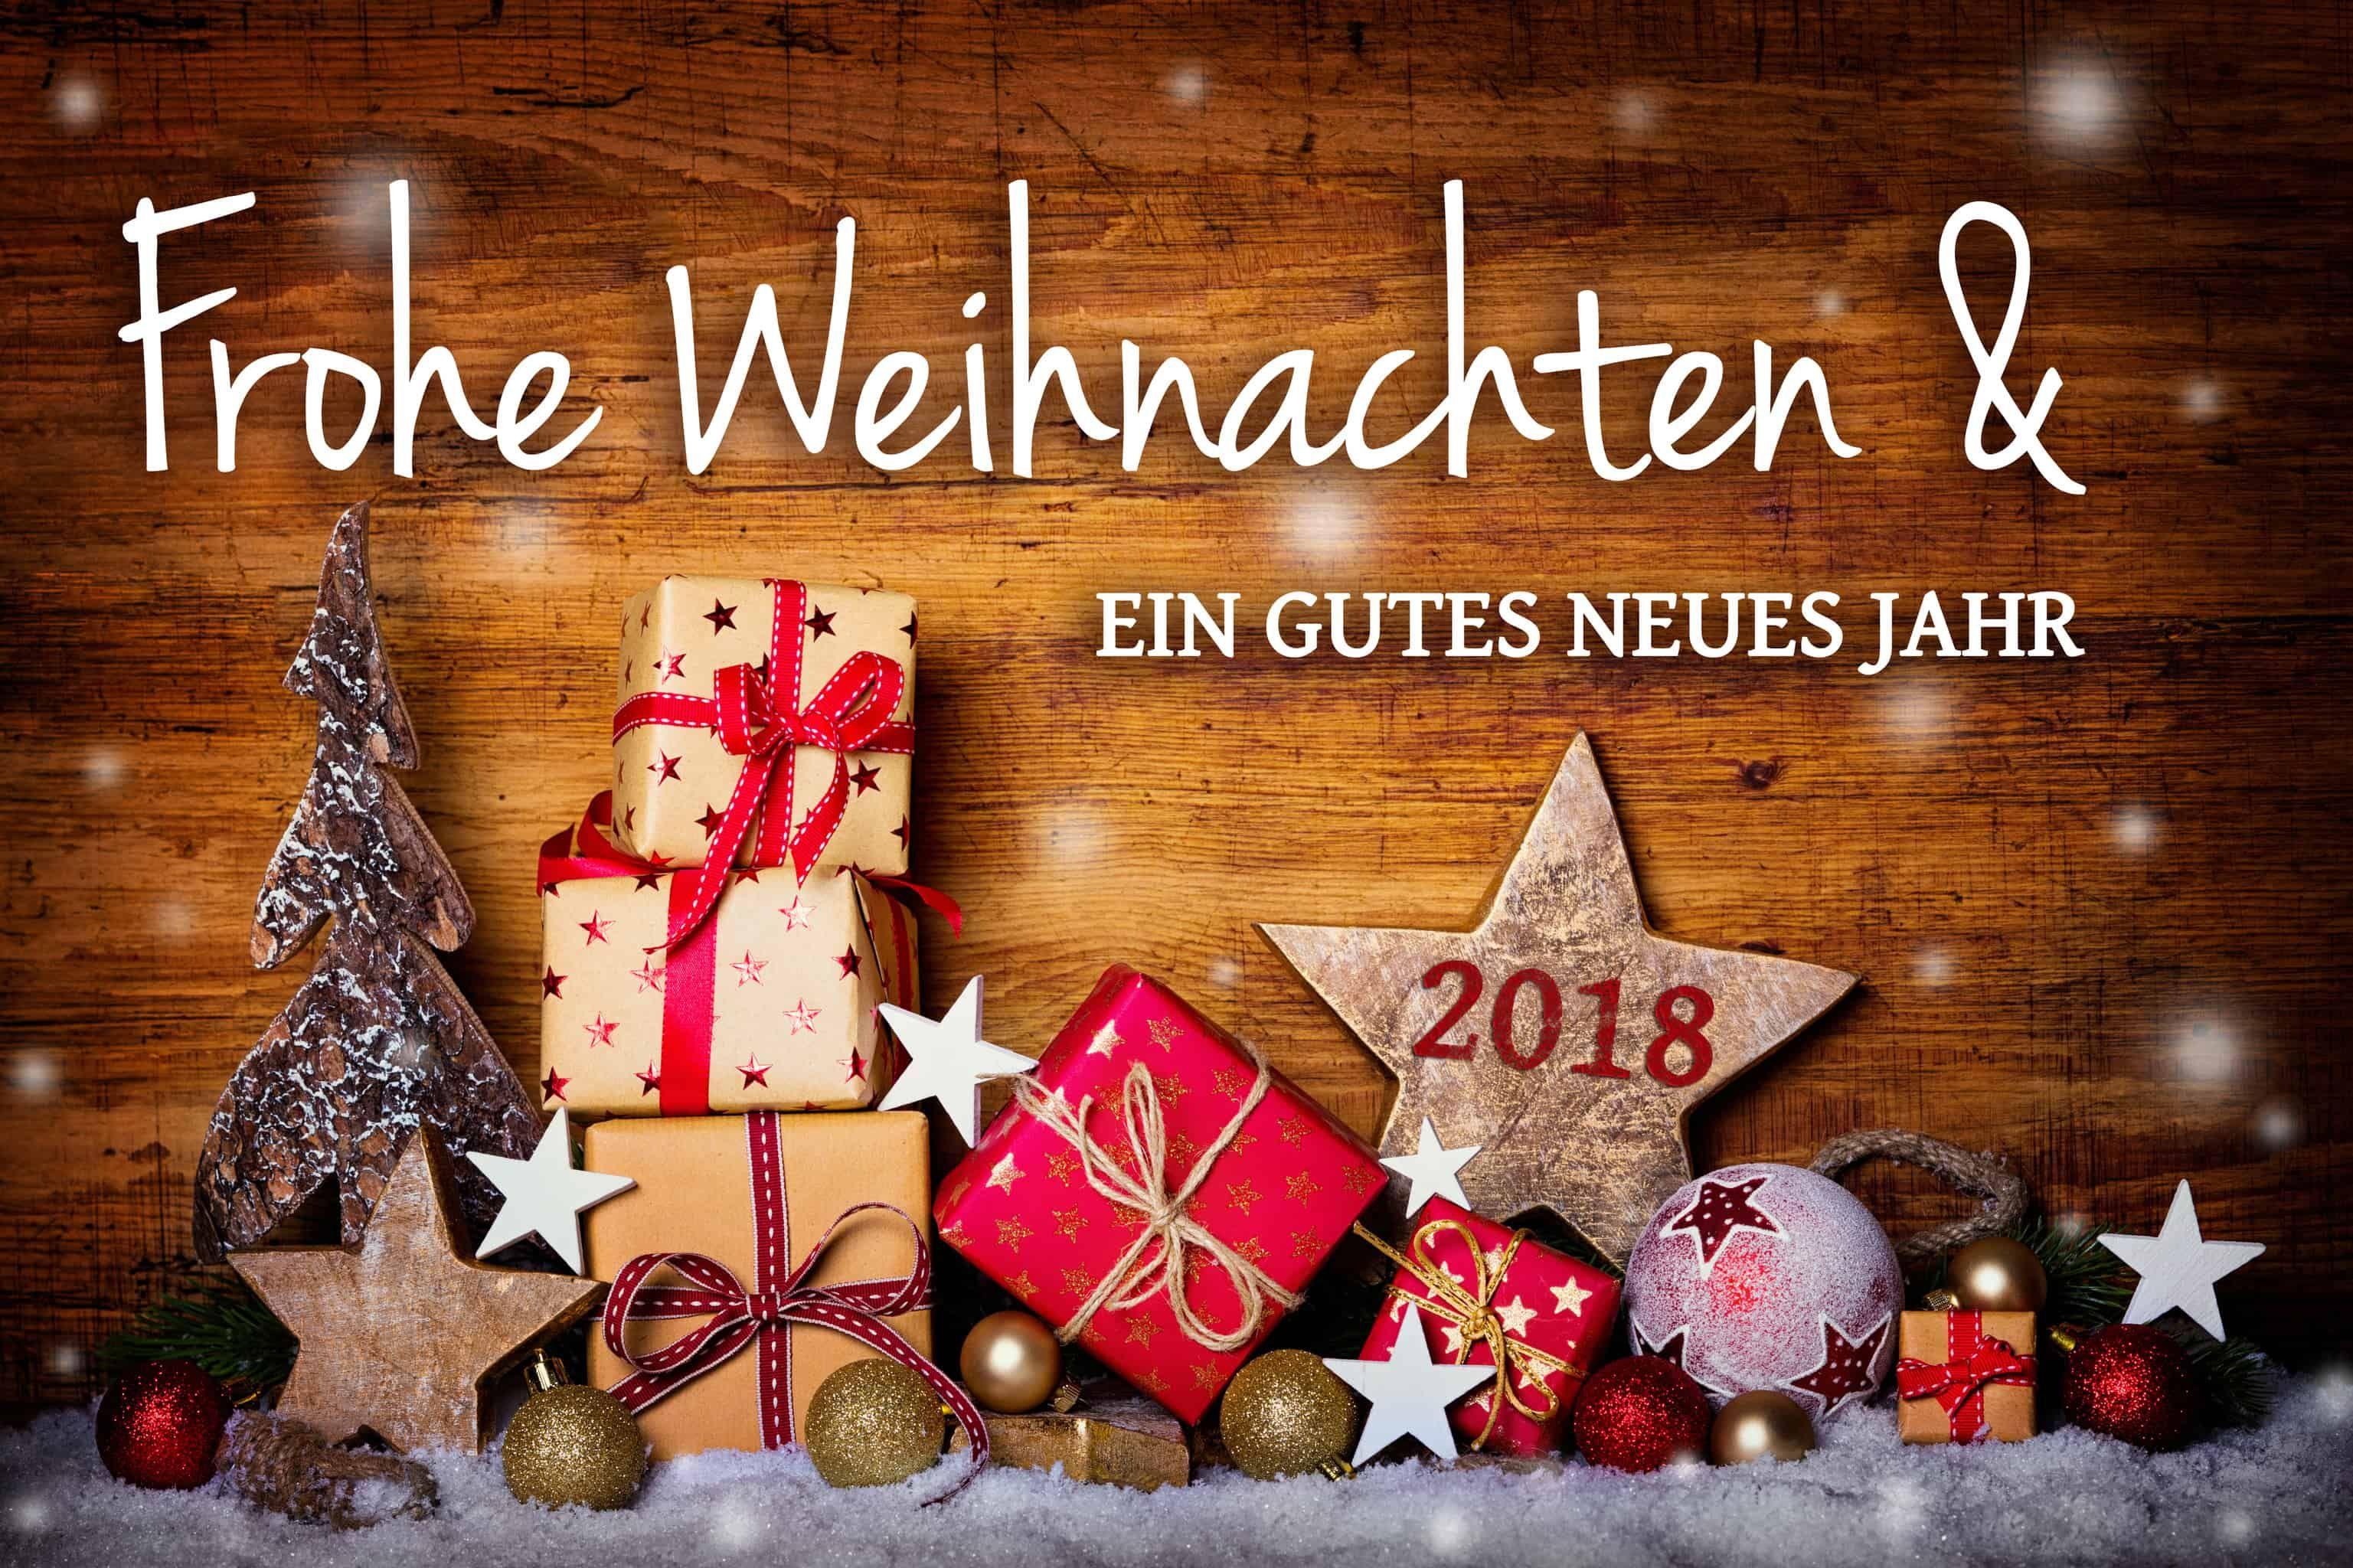 Frohe Weihnachten Wünsche Ich Dir Und Deiner Familie.Weihnachten 2017 Und Glückwünsche Finanz Und Kreditportal